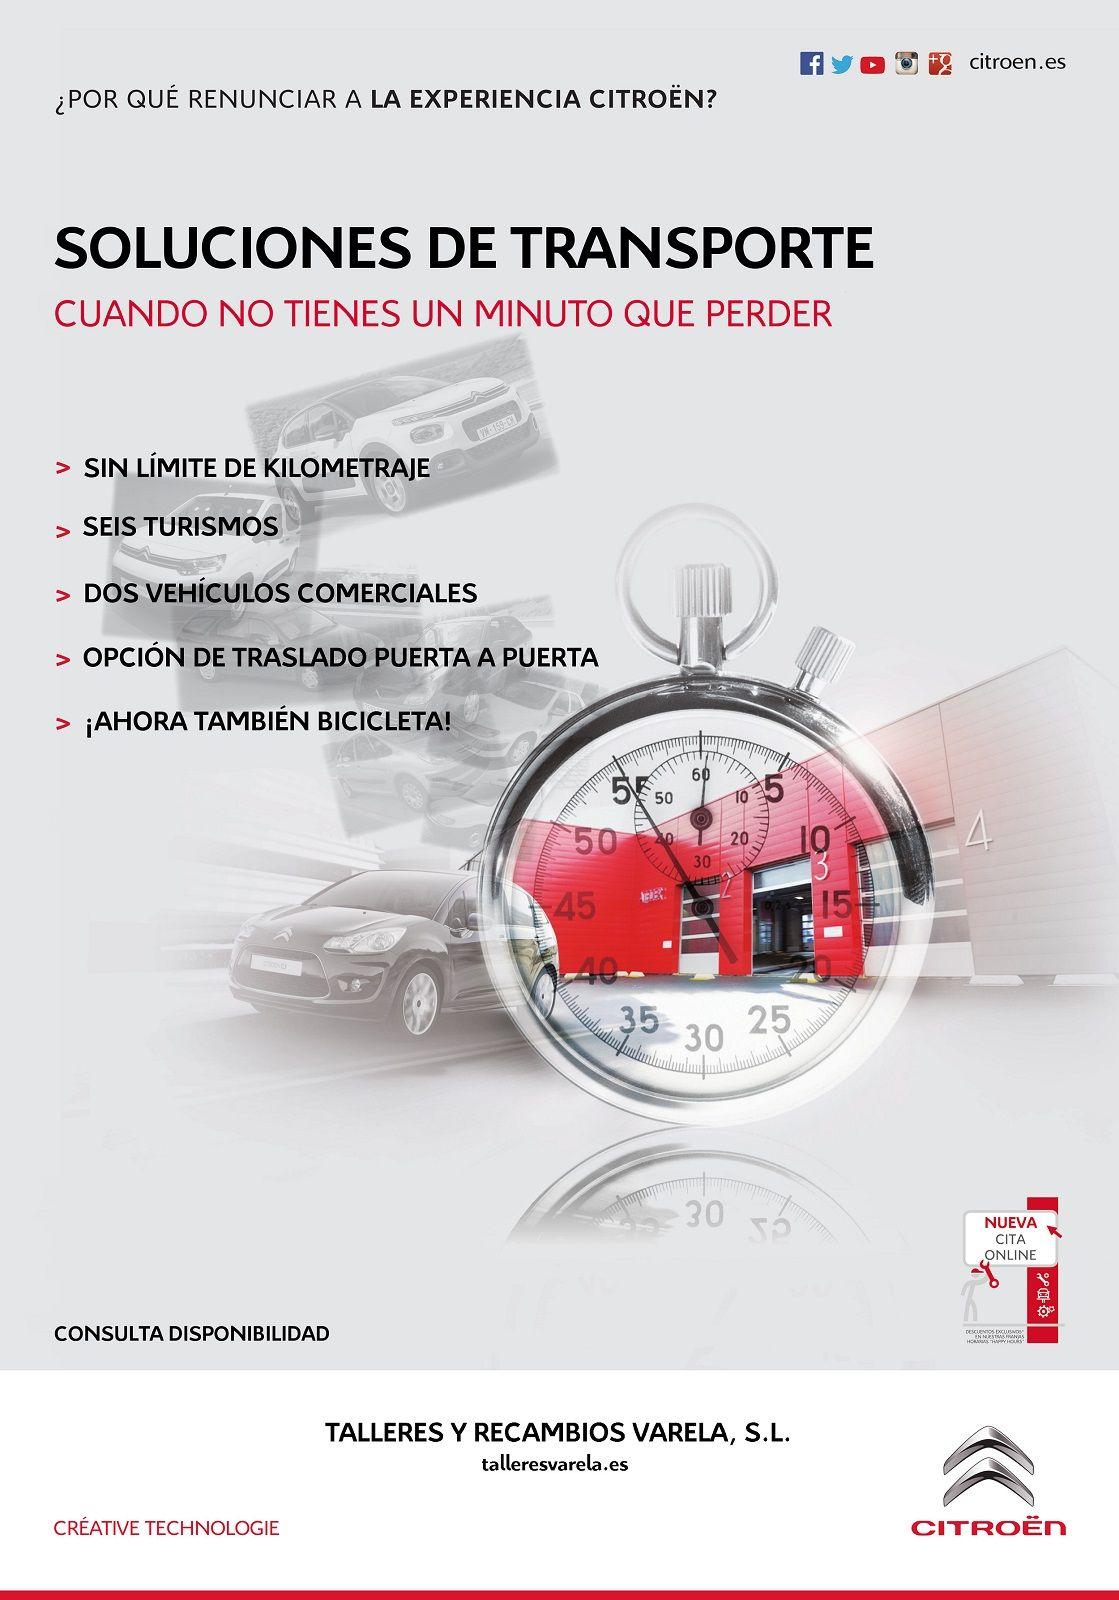 Solución de transporte